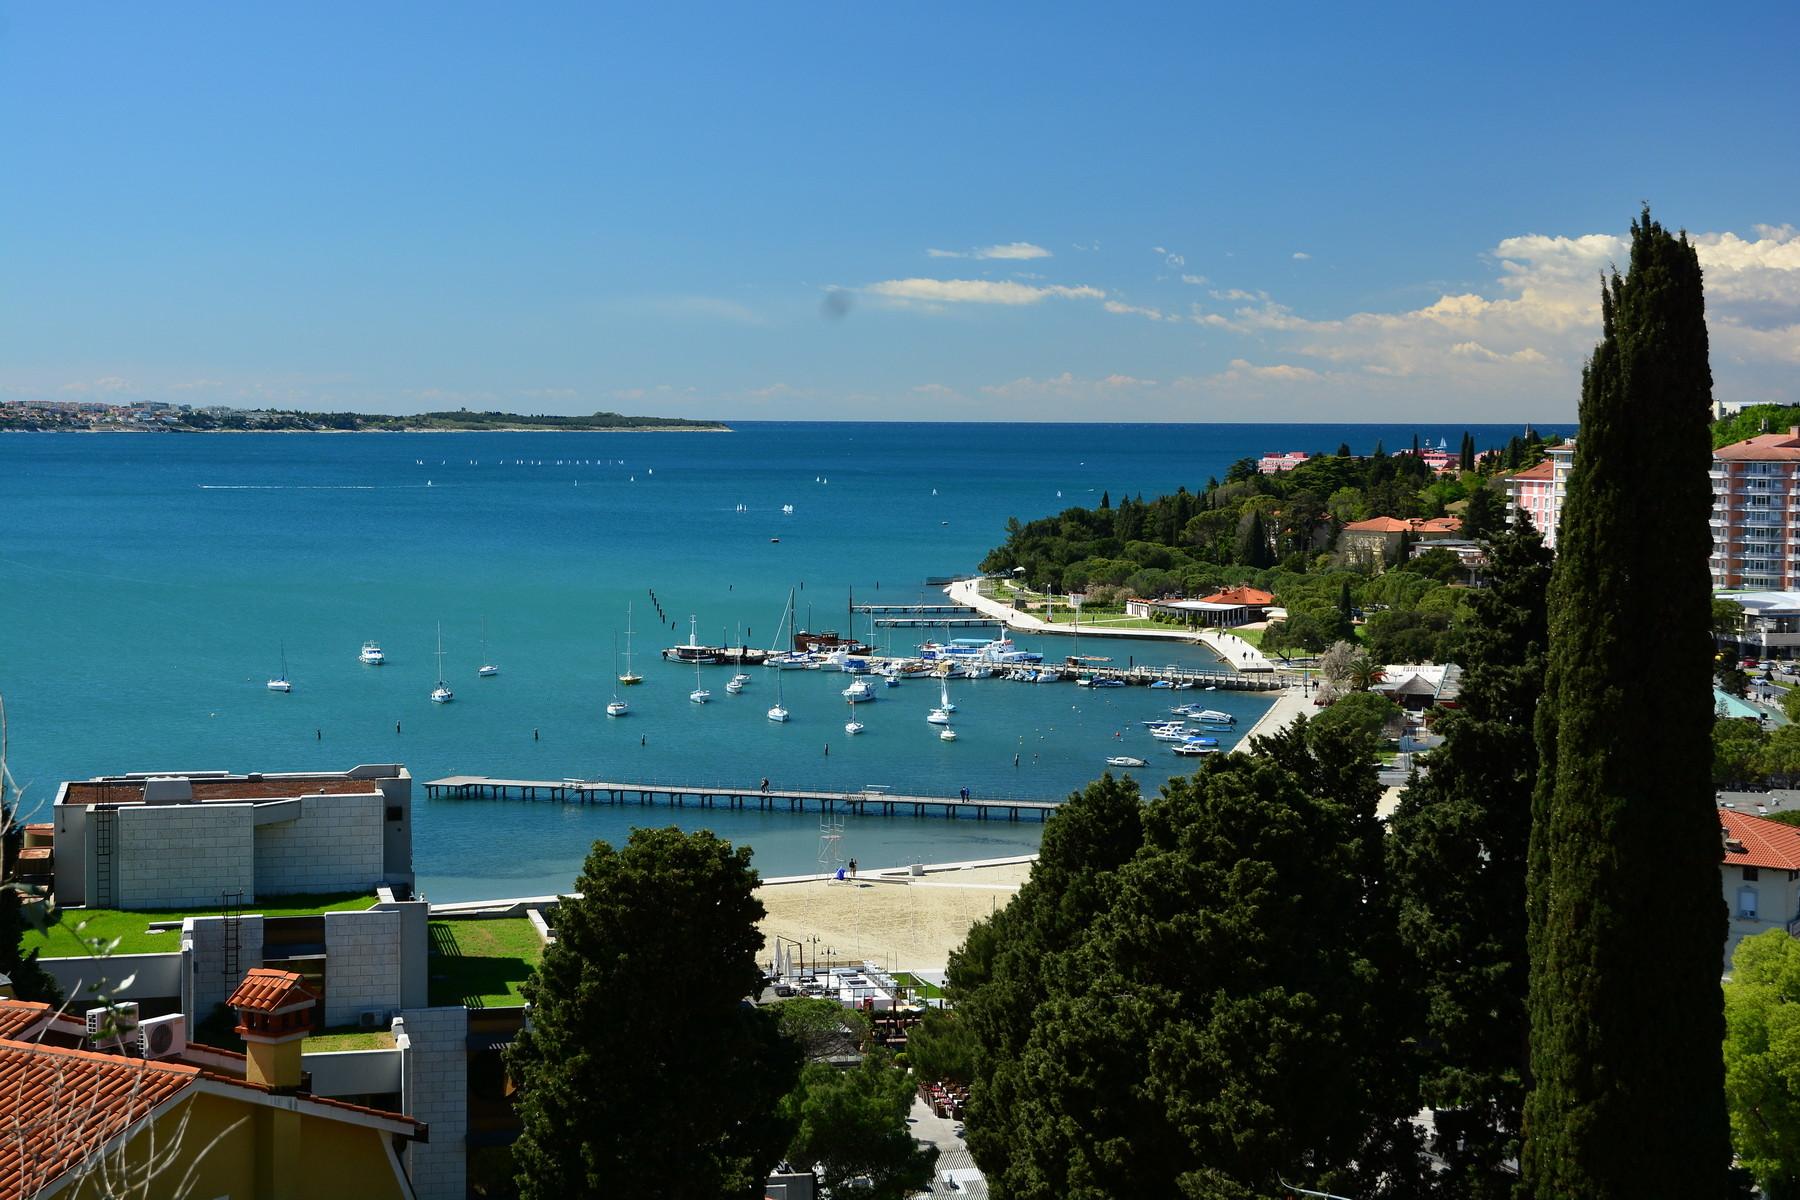 Endlich am Meer - Slowenische Küste